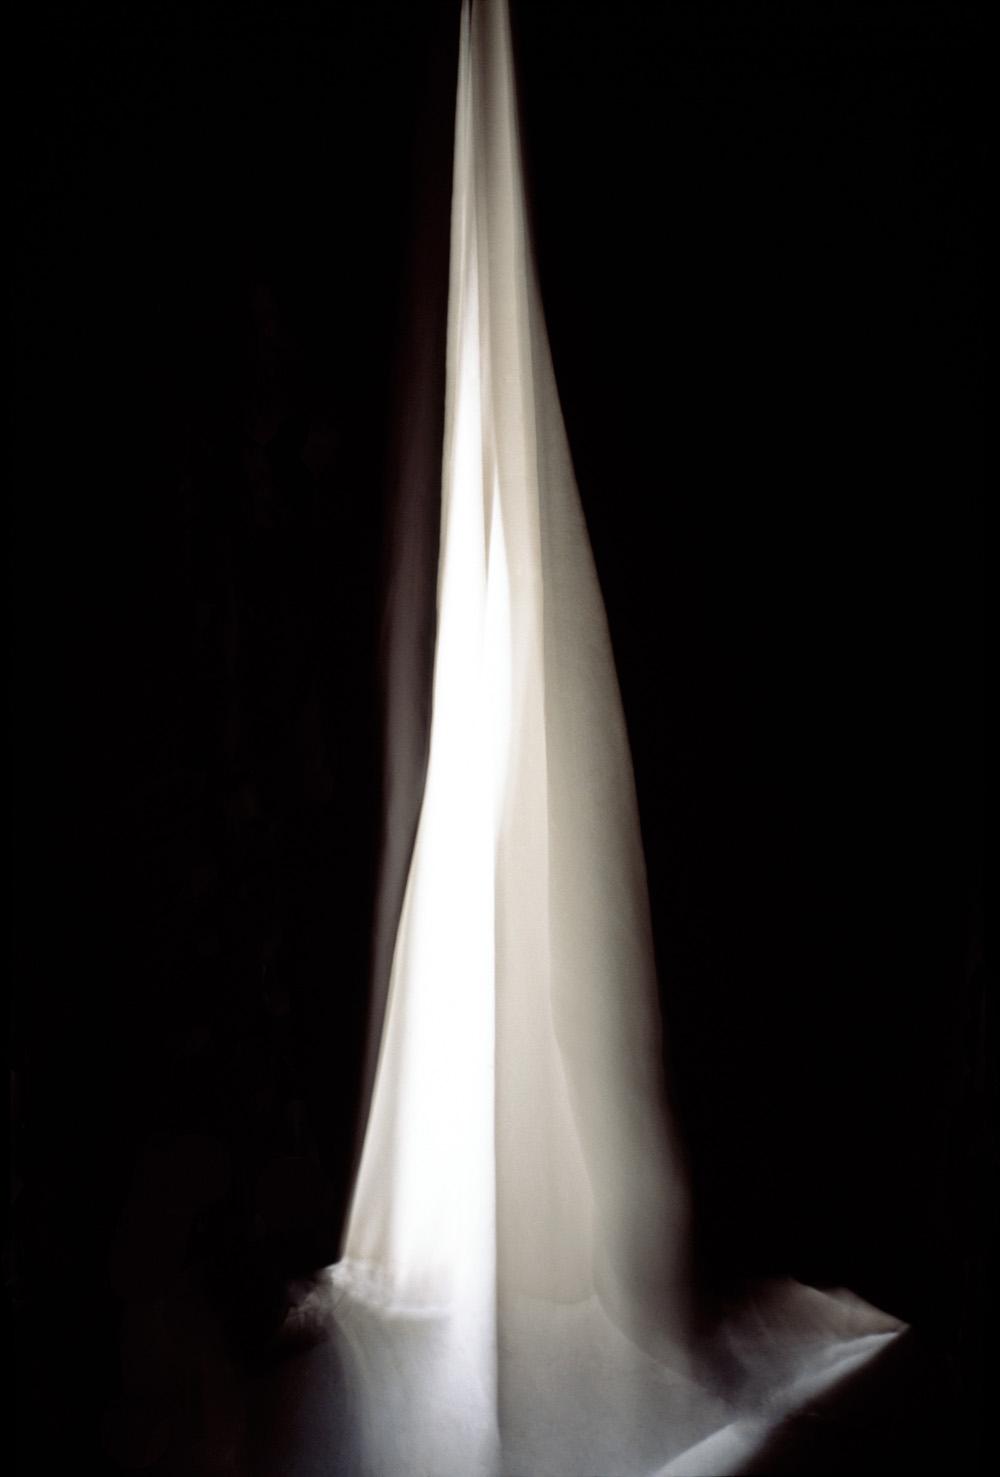 Soglia a specchio - Aperture 2009, cm 180 x105, stampa Ink-jet su specchio